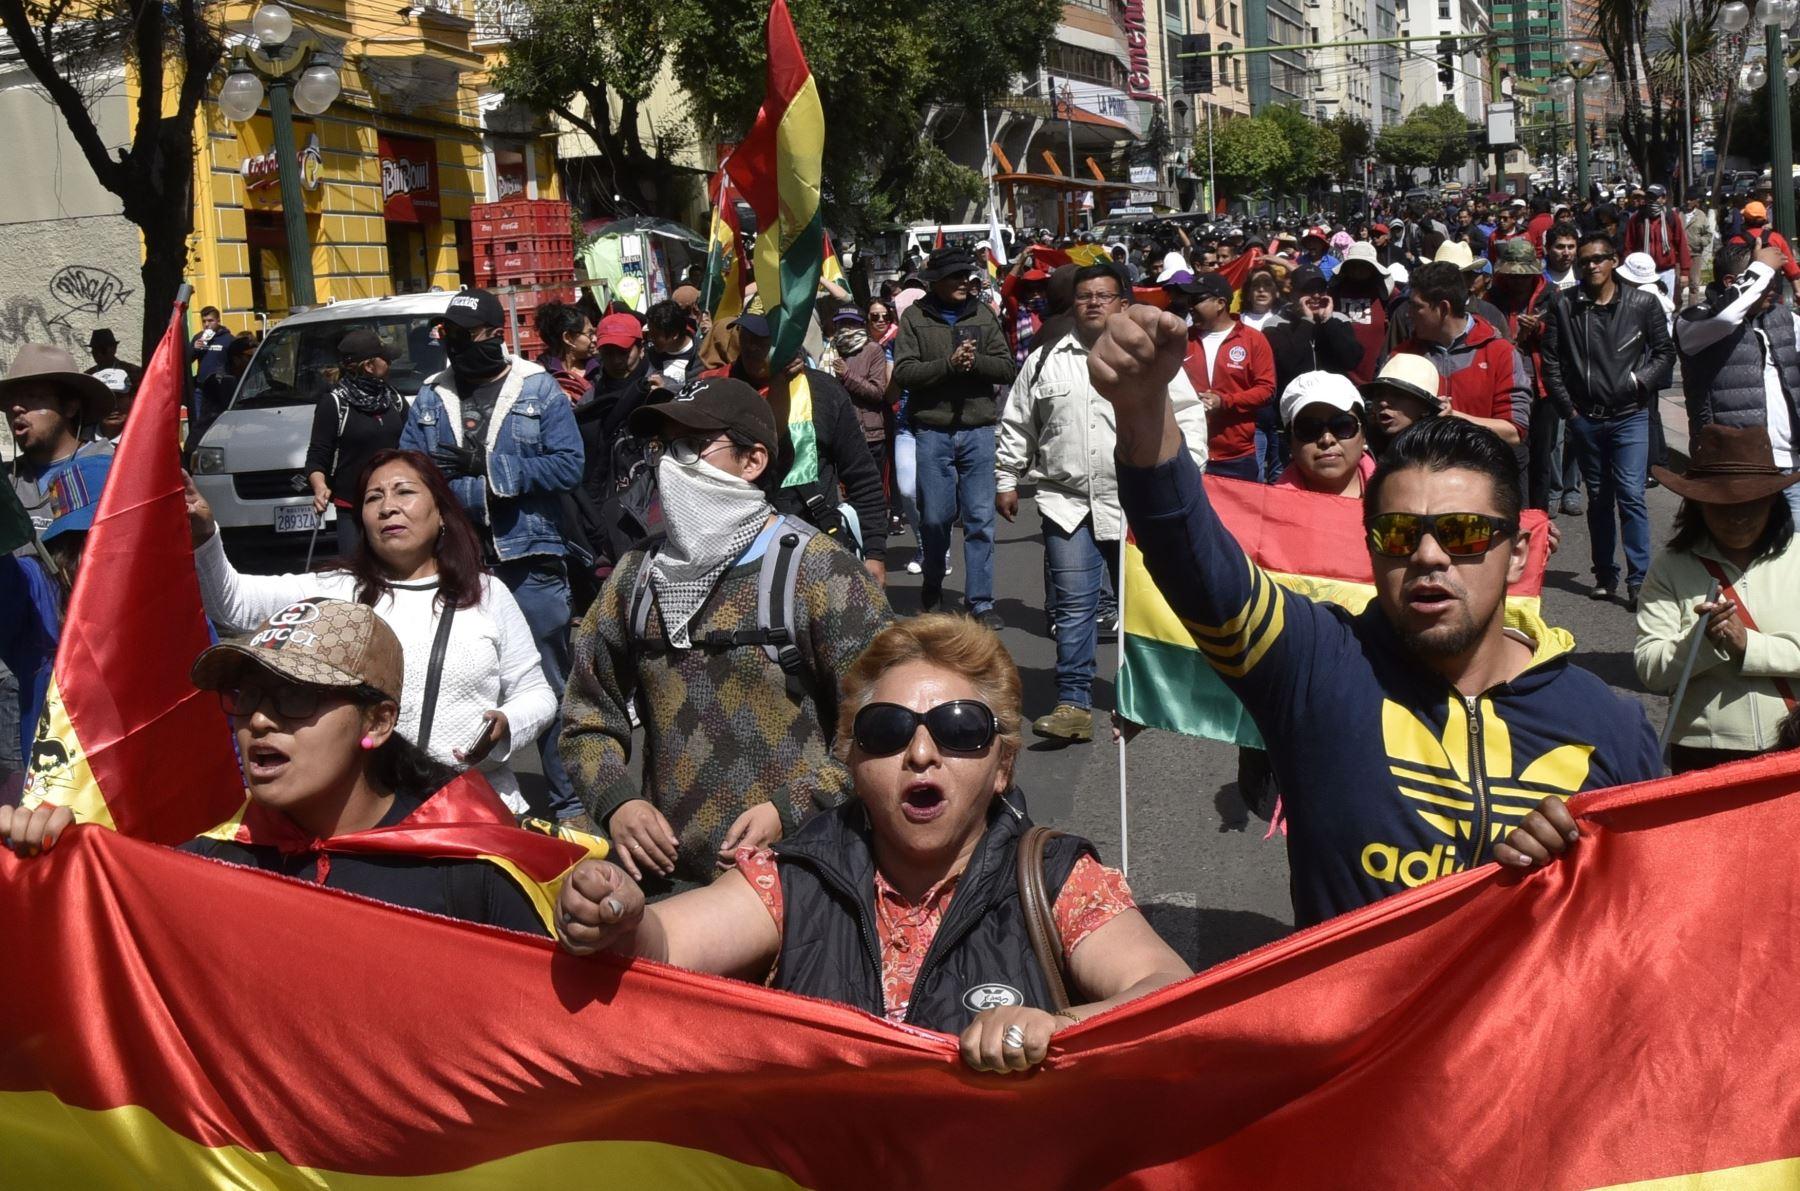 La gente marcha contra la nominación del presidente boliviano Evo Morales como candidato a la reelección Foto: AFP